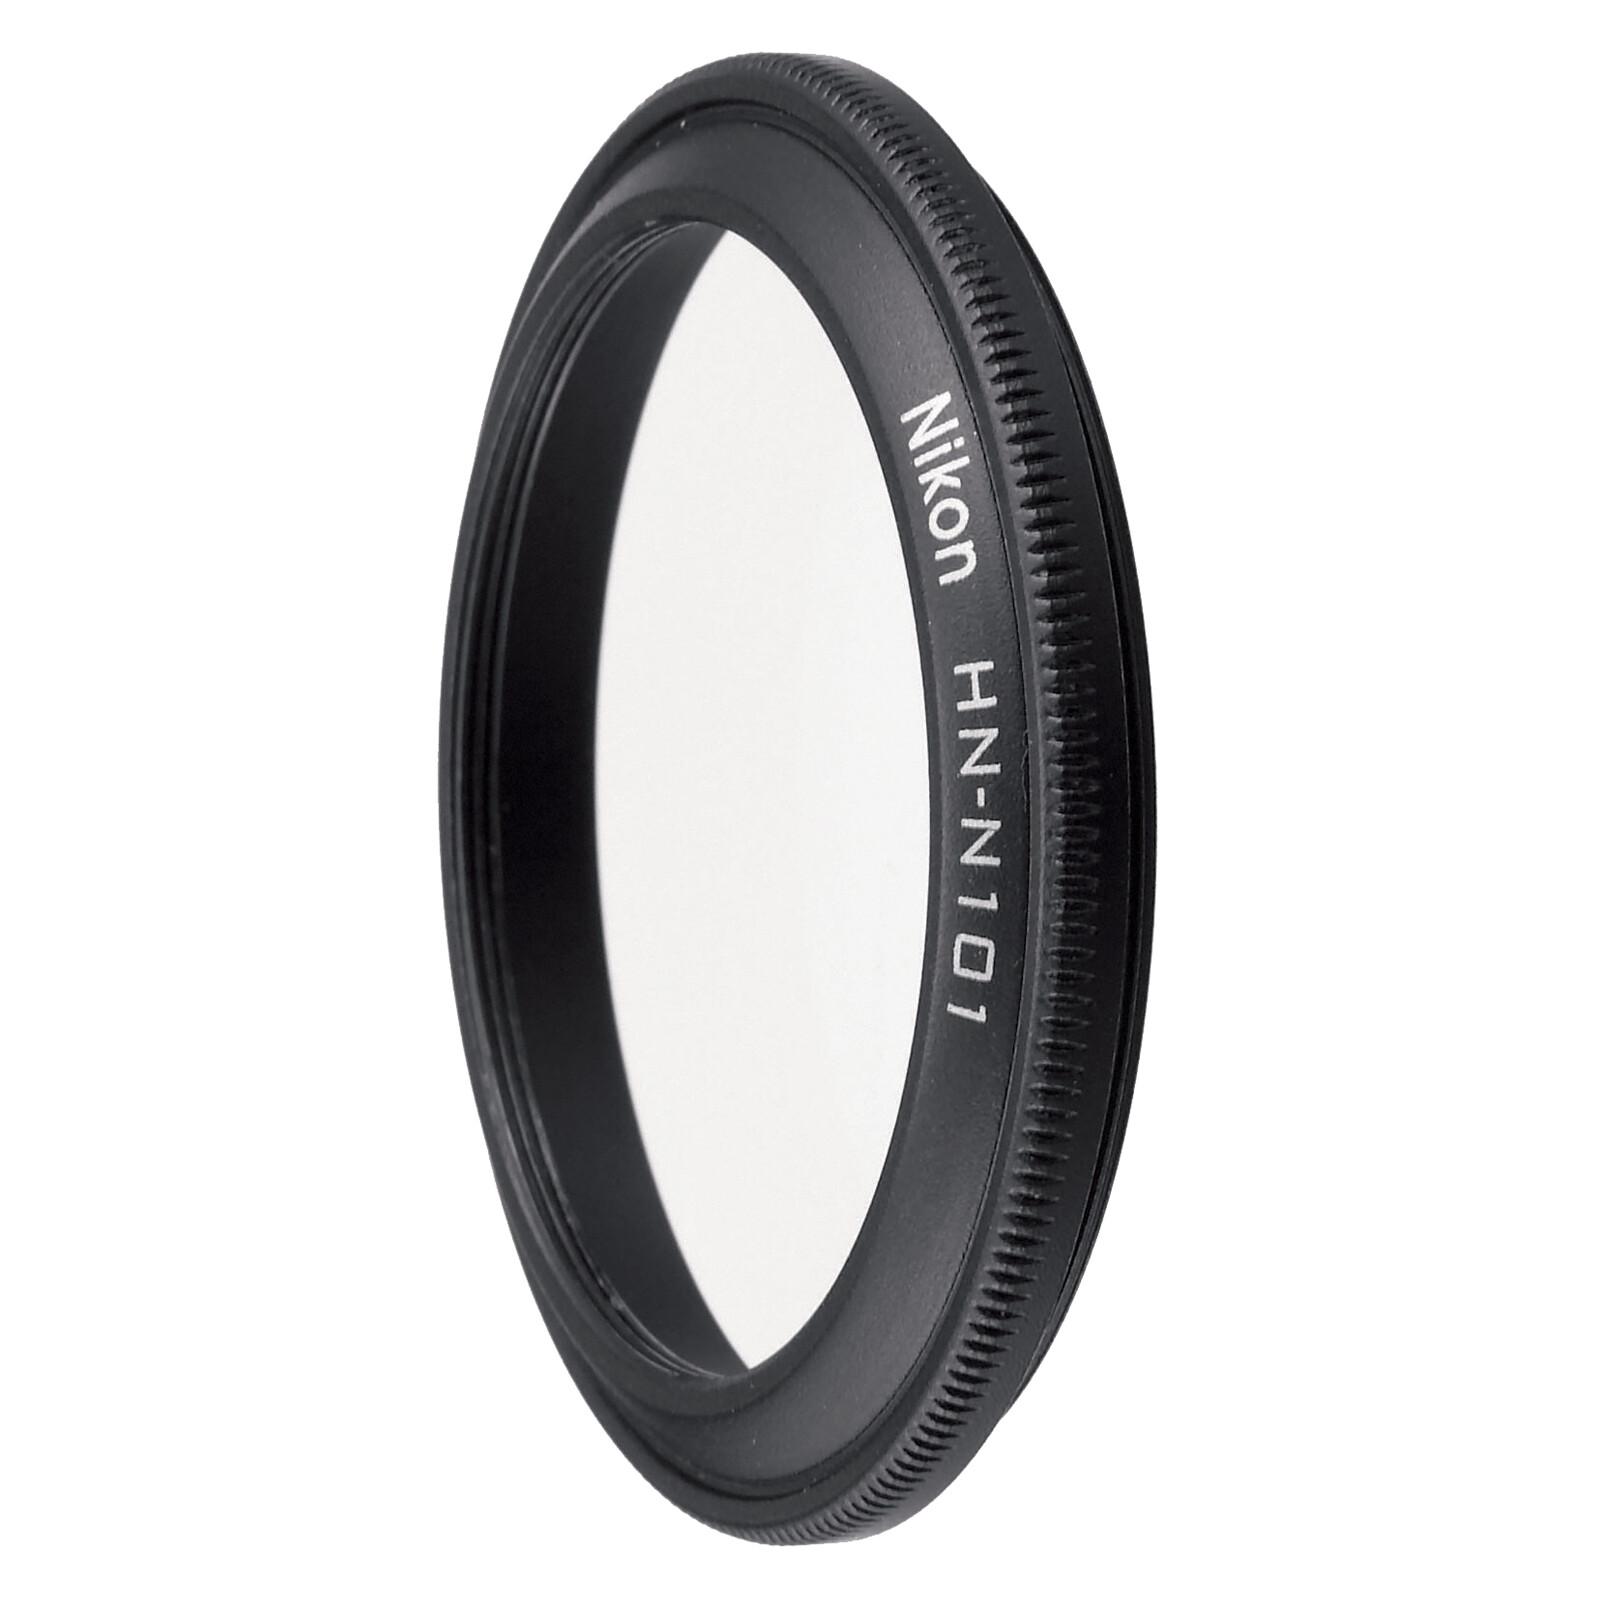 Nikon HN-N101 Gegenlichtblende